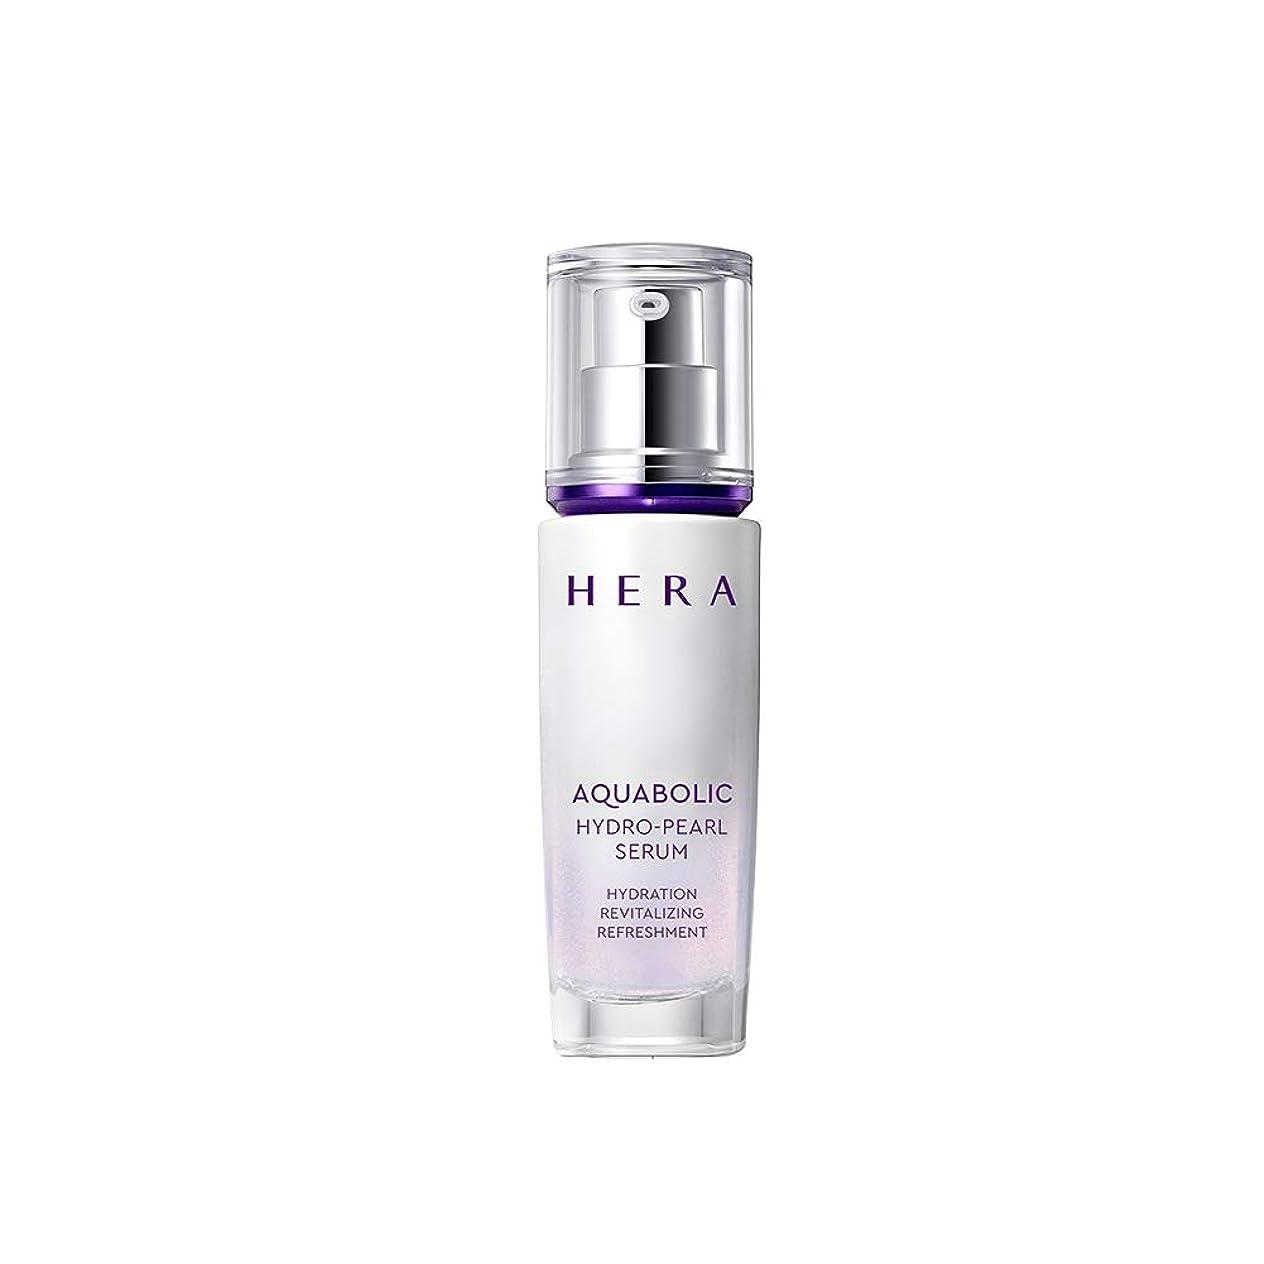 送料ブル透明に【HERA公式】ヘラ アクアボリック ハイドロ-パール セラム 40mL/HERA Aquabolic Hydro-Pearl Serum 40ml